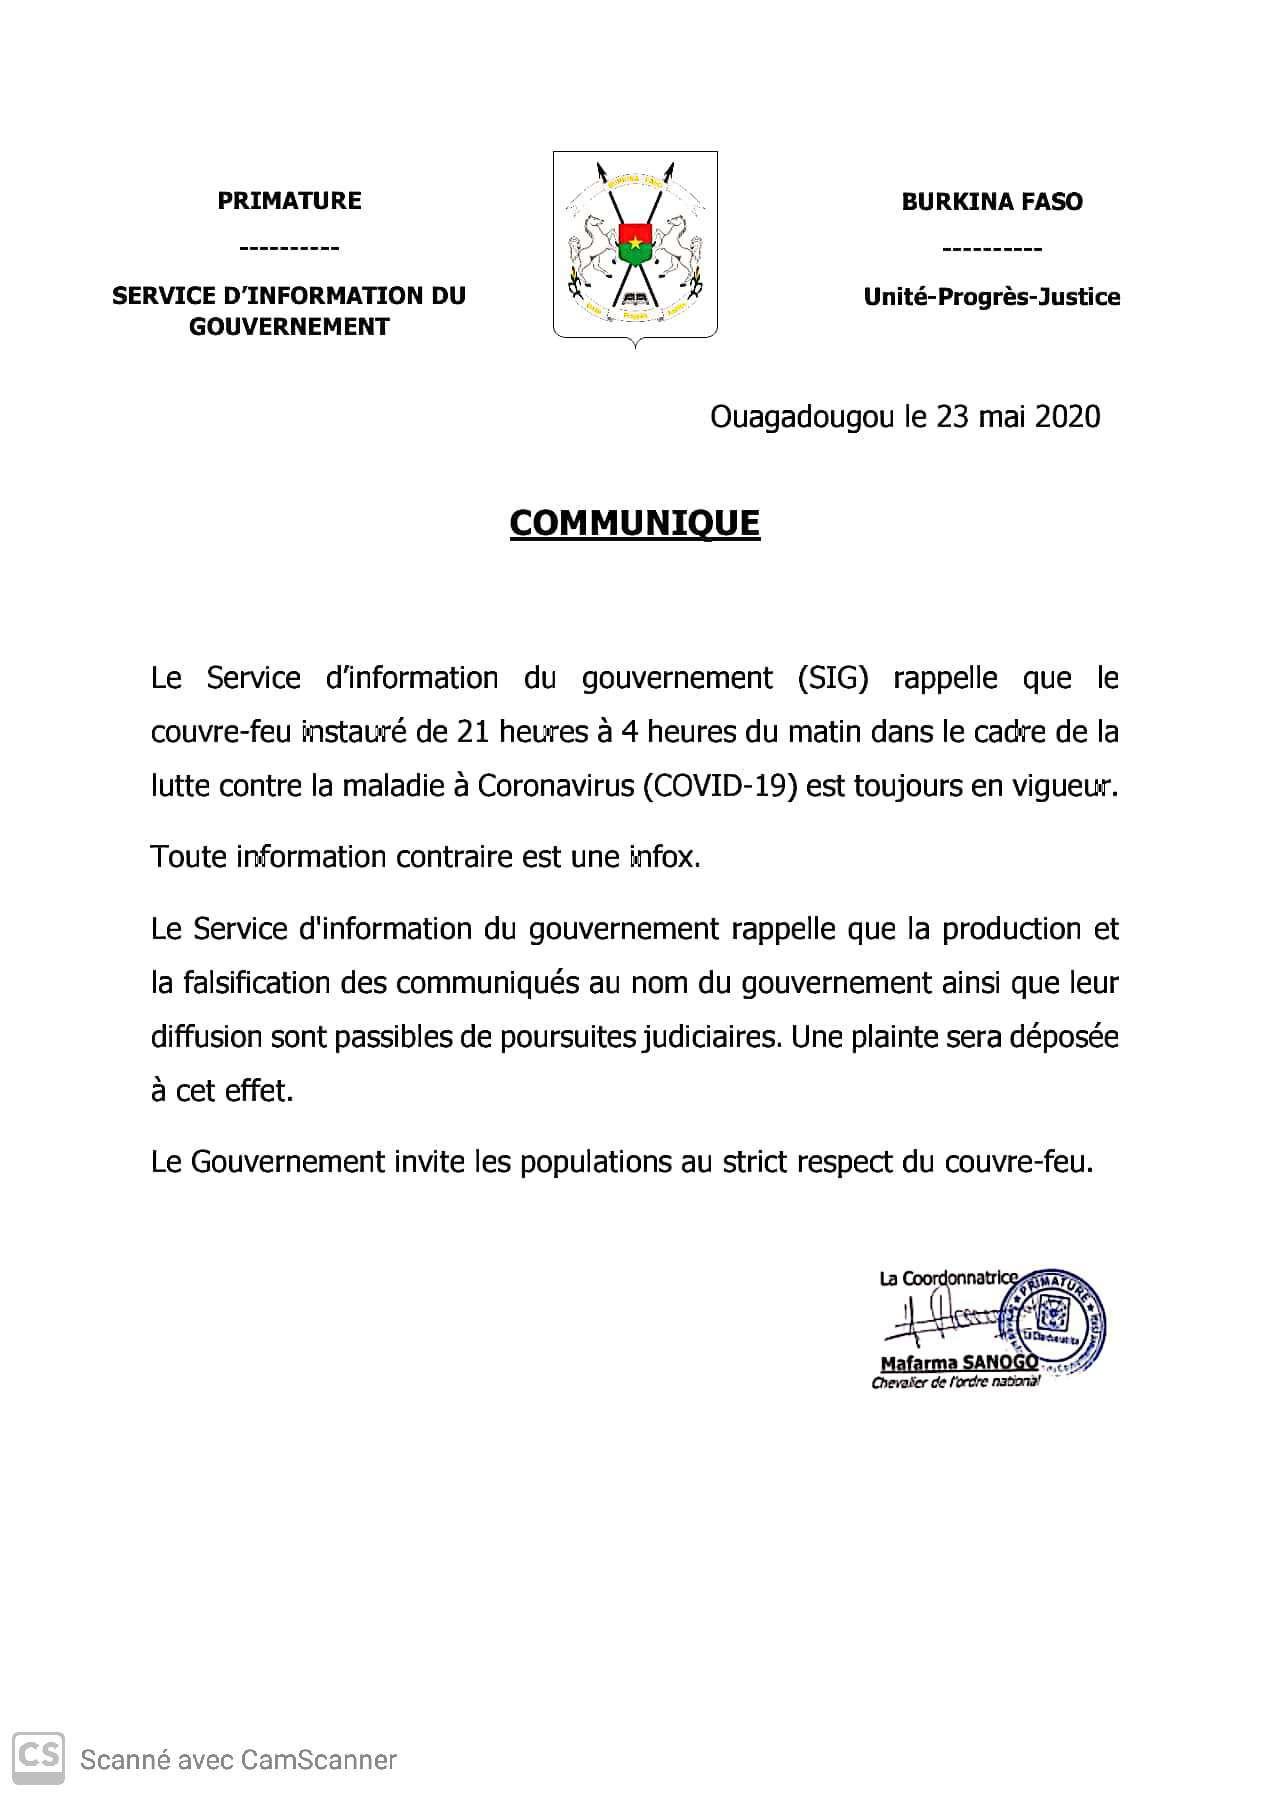 Mesures barrières contre le COVID-19 : le gouvernement dément un communiqué portant sur une levée du couvre-feu